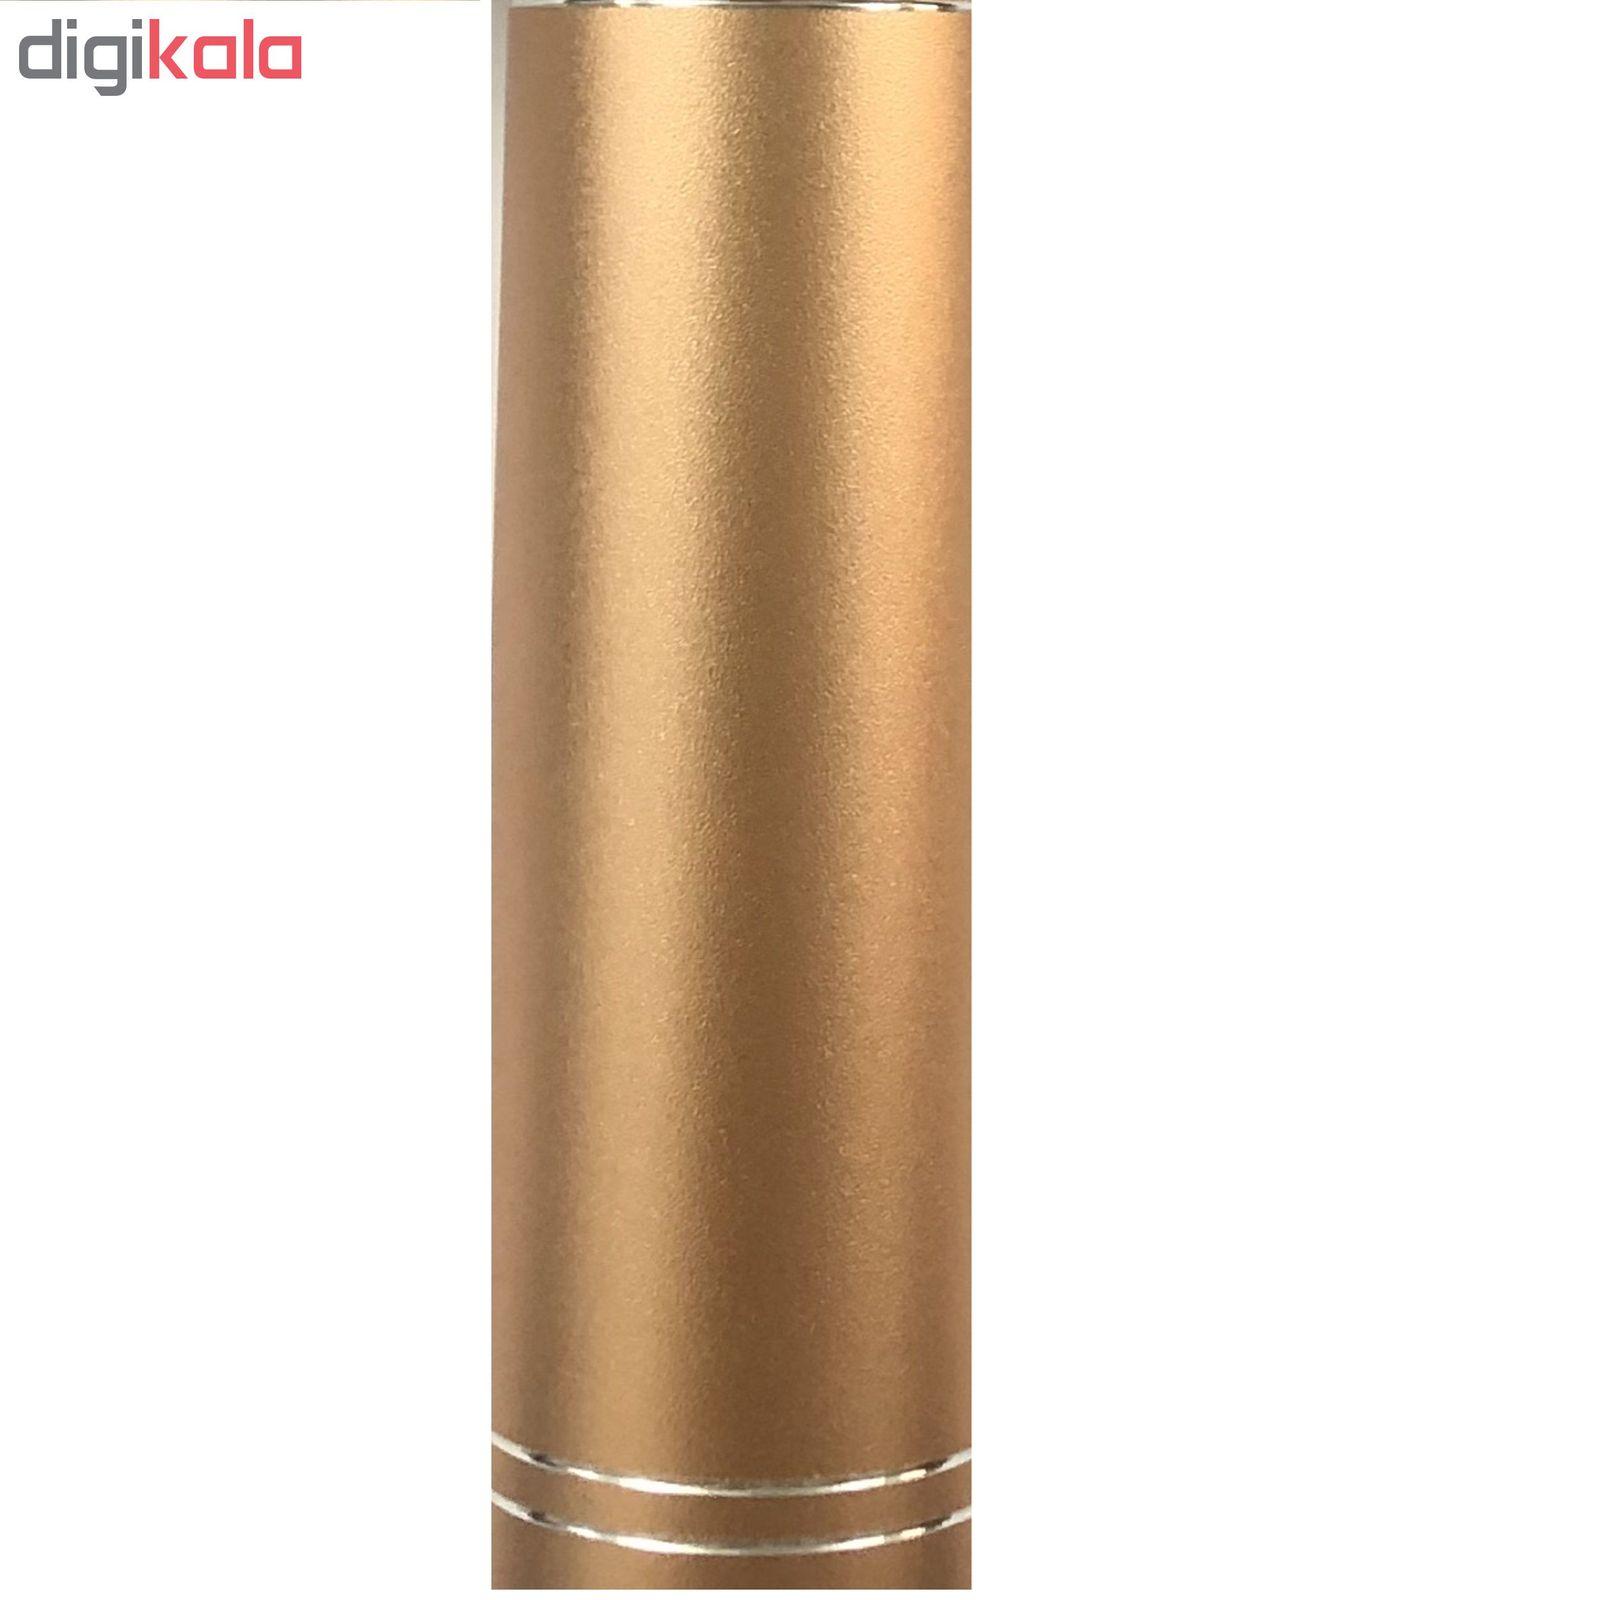 میکروفون اسپیکر مدل WS-858 main 1 3